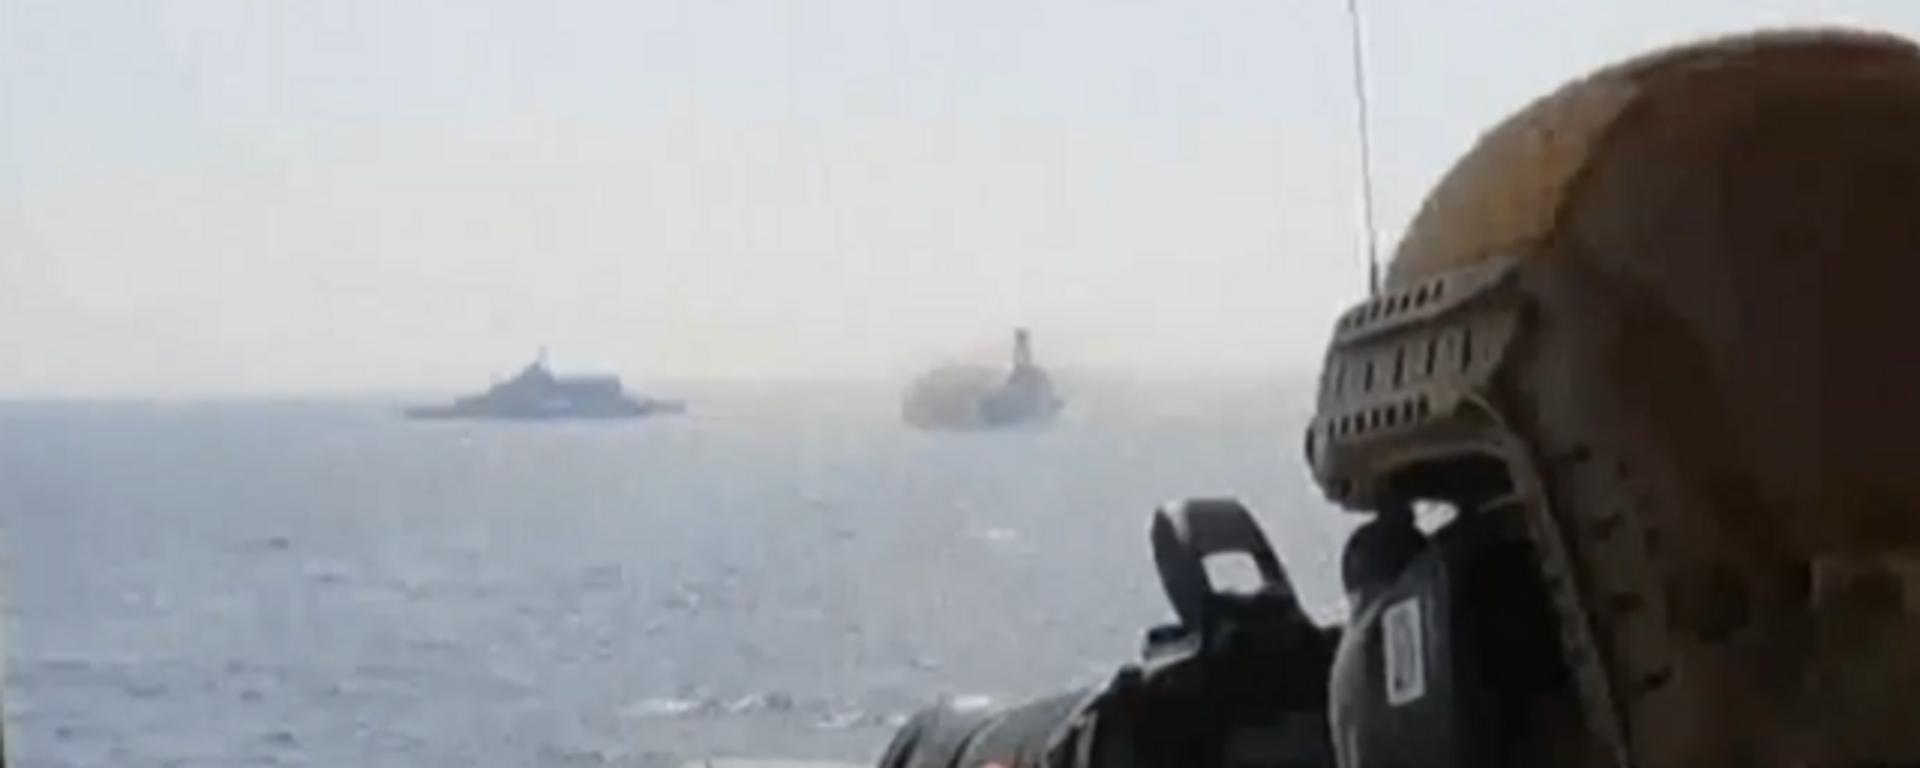 Tenso encuentro entre los buques de EEUU e Irán en el golfo Pérsico - Sputnik Mundo, 1920, 27.04.2021